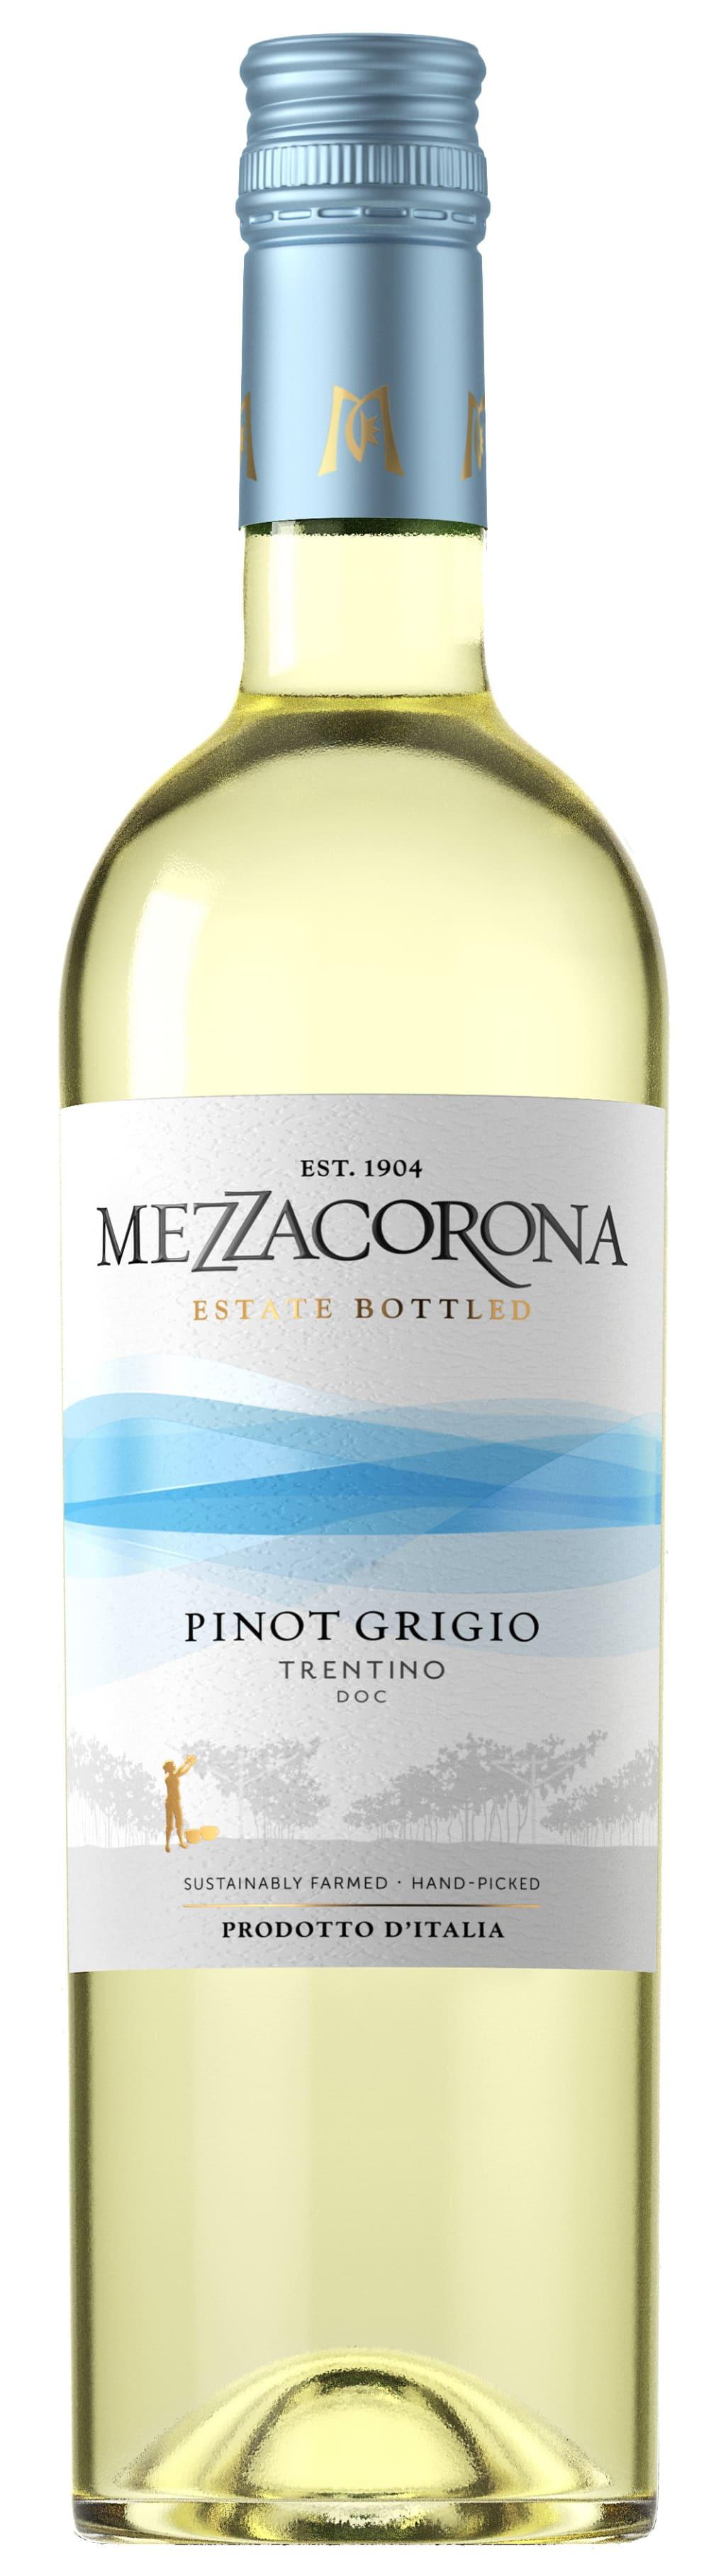 2019 Mezzacorona Pinot Grigio 750ml